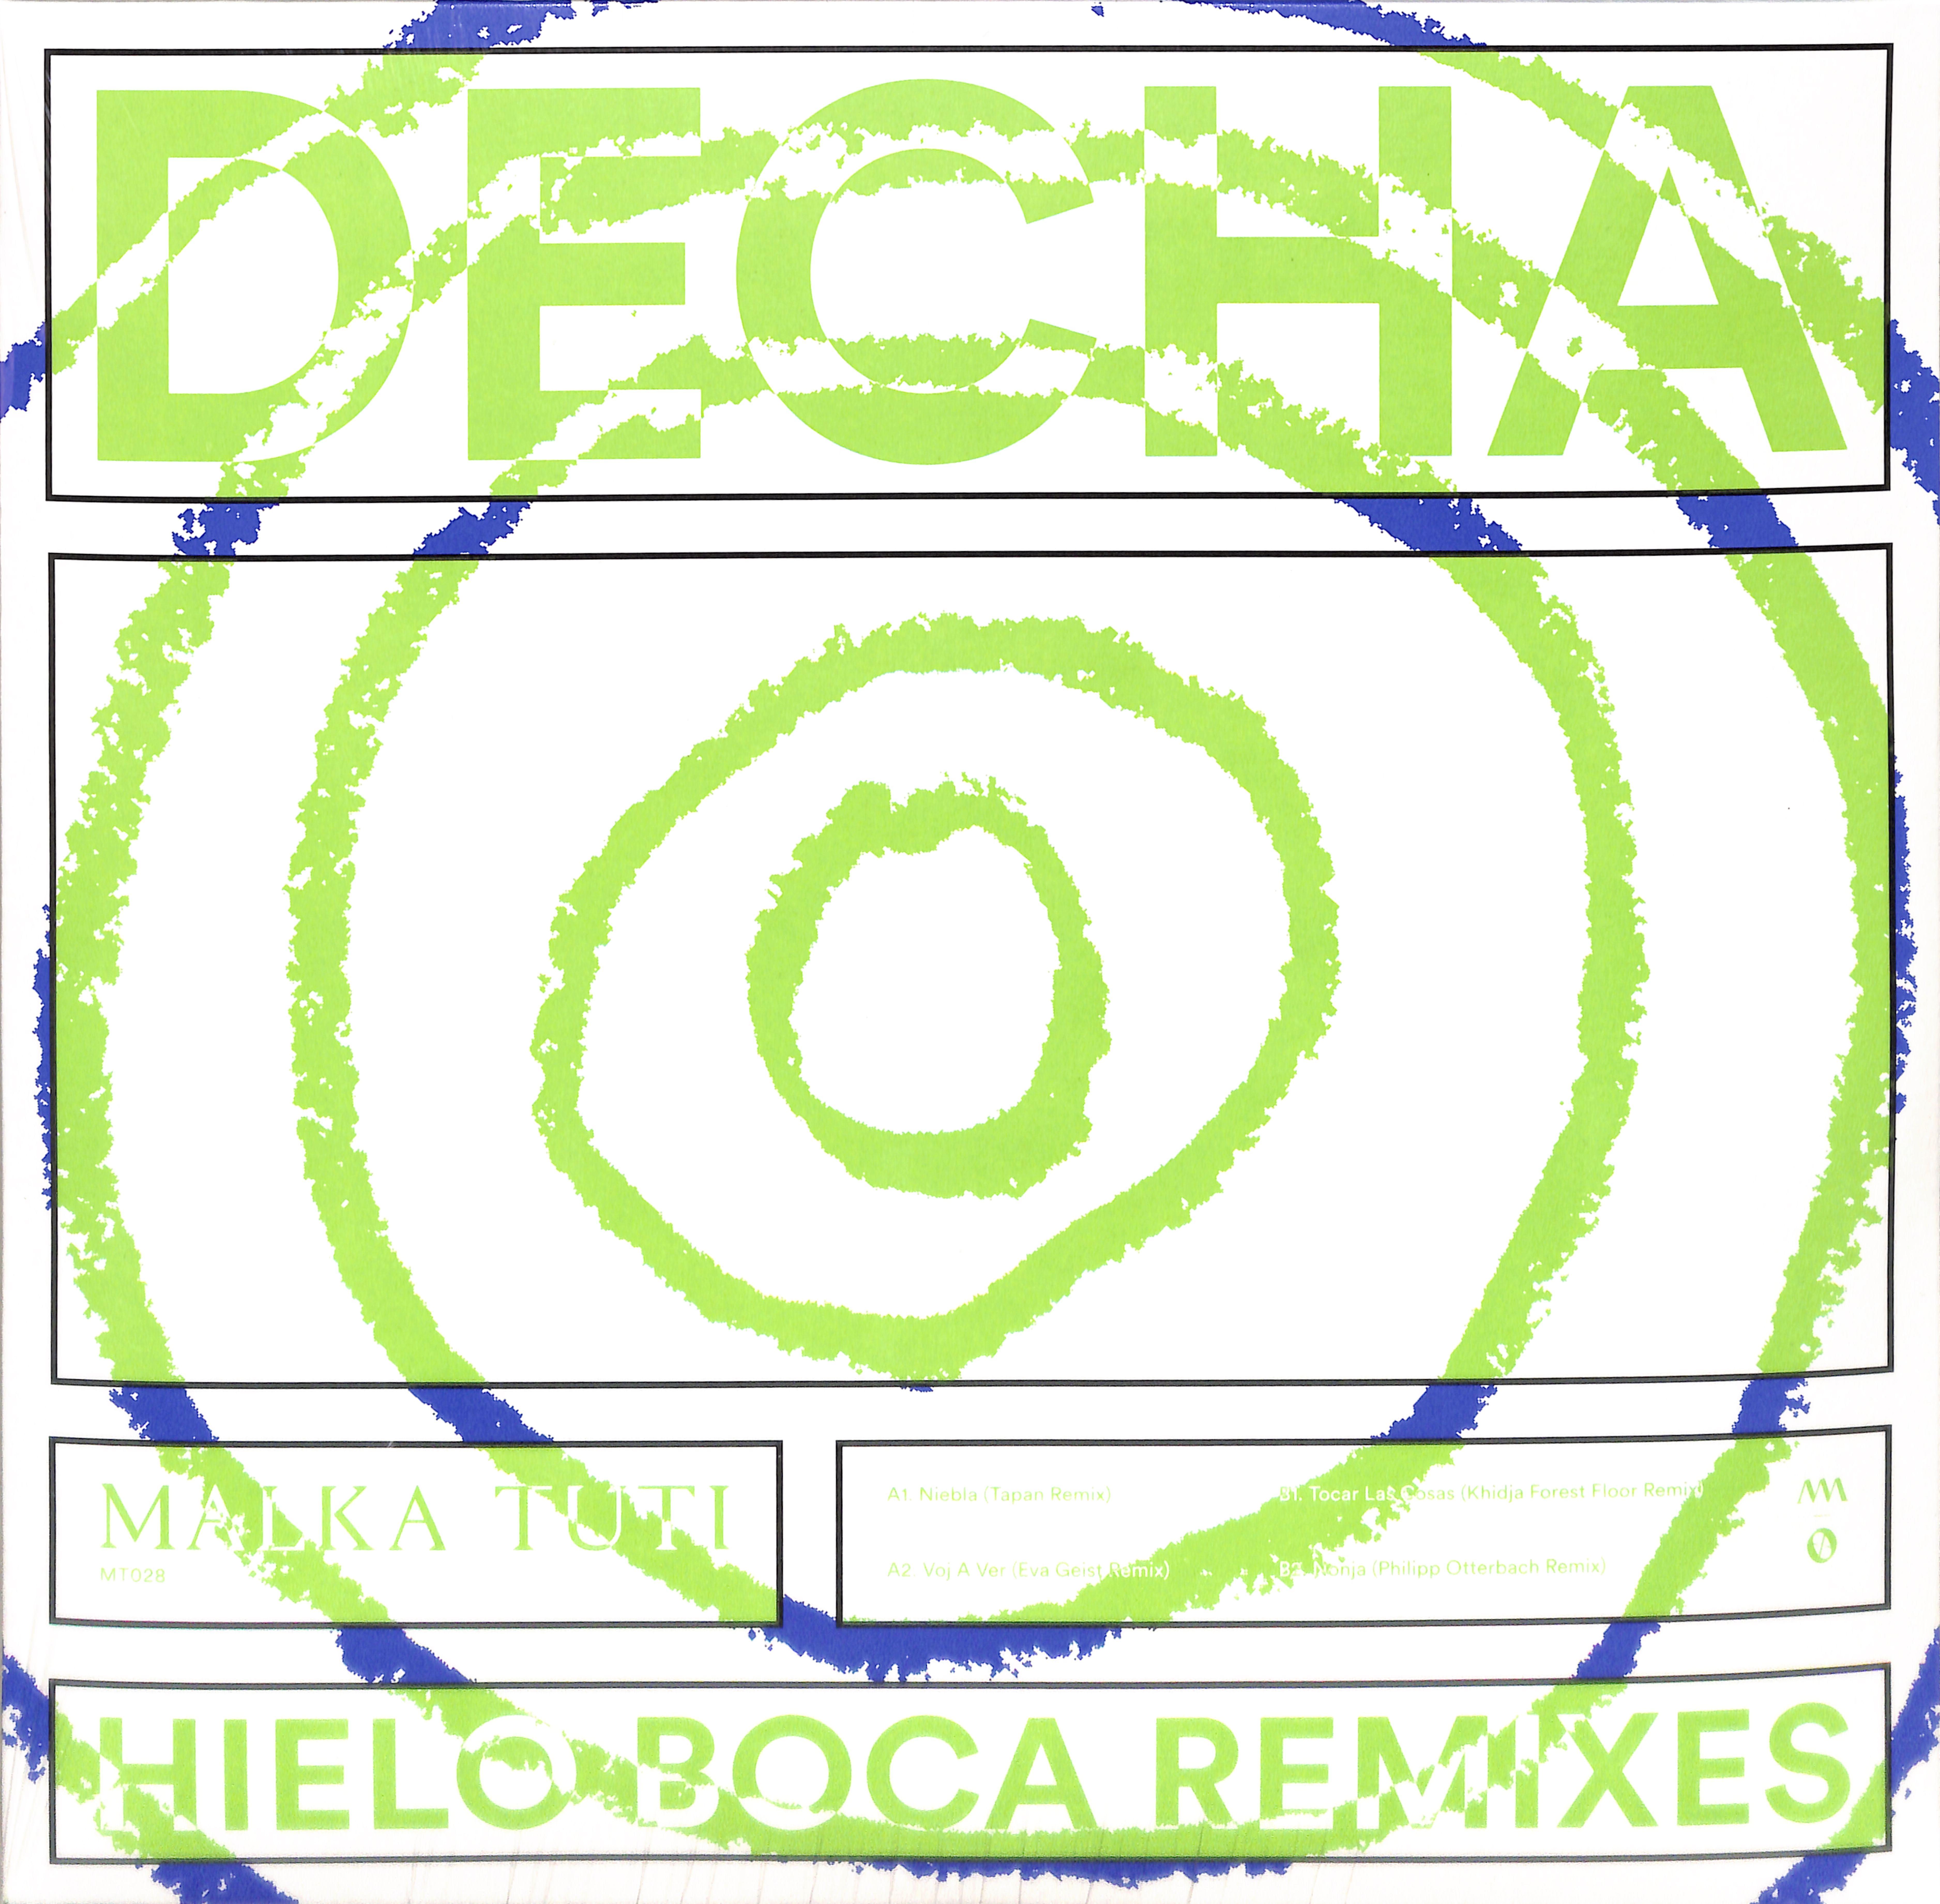 Decha - HIELO BOCA REMIXES